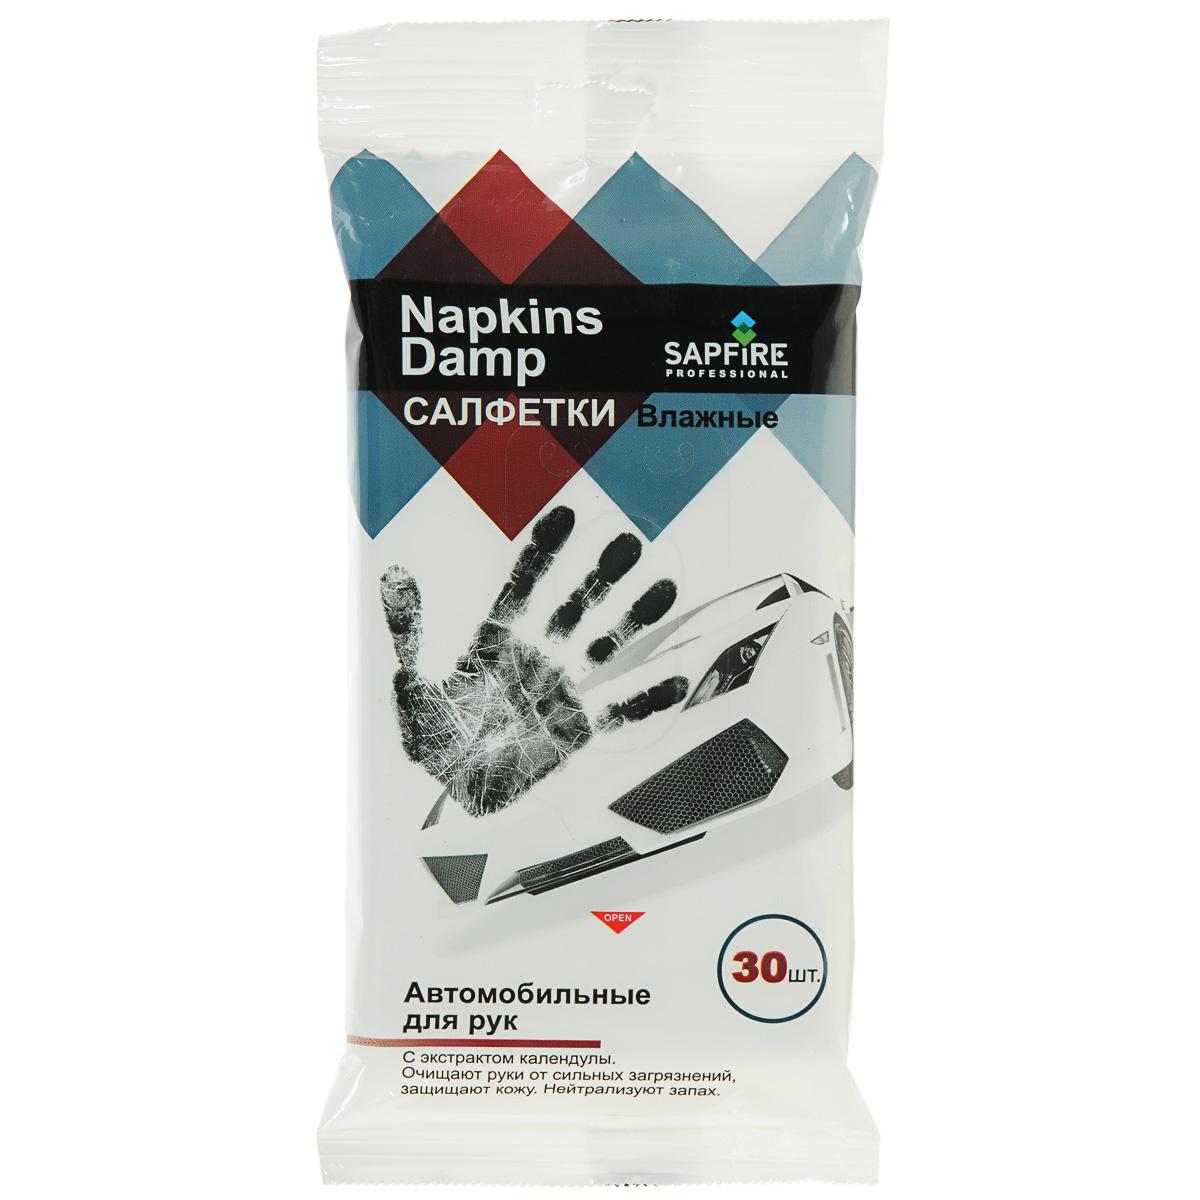 Салфетки влажные Sapfire для рук, 30 штRC-100BWCСалфетки влажные Sapfire изготовлены из мягкого нетканого материала с высоким уровнем абсорбции. Пропитаны специальным очищающим лосьоном. Легко удаляют с рук любые, в том числе технические, загрязнения. Незаменимы в автомобиле при повседневном использовании. Нейтрализуют запах.Состав: деминерализованная вода, пропиленгликоль, феноксиэтанол, кокоглюкозит, метилпарабен, этилпарабен, дисодиум, кокоил глютамат, пропилпарабен, йодопропинил бутилкарбамат, парфюмерная композиция, экстракт календулы.